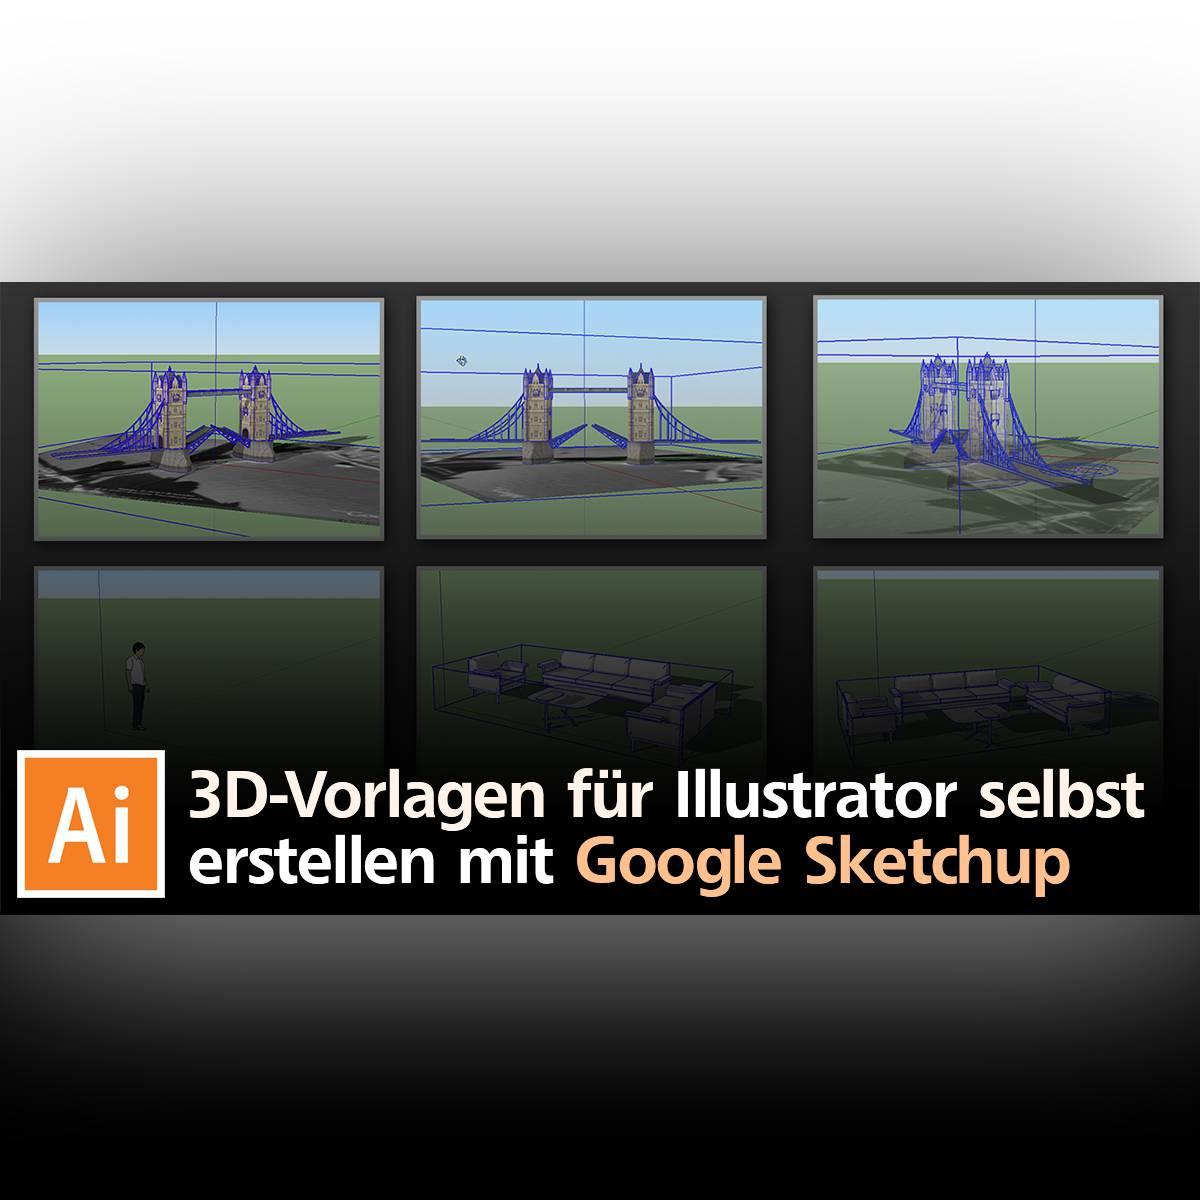 3D-Vorlagen Für Illustrator Selbst Erstellen Mit Google